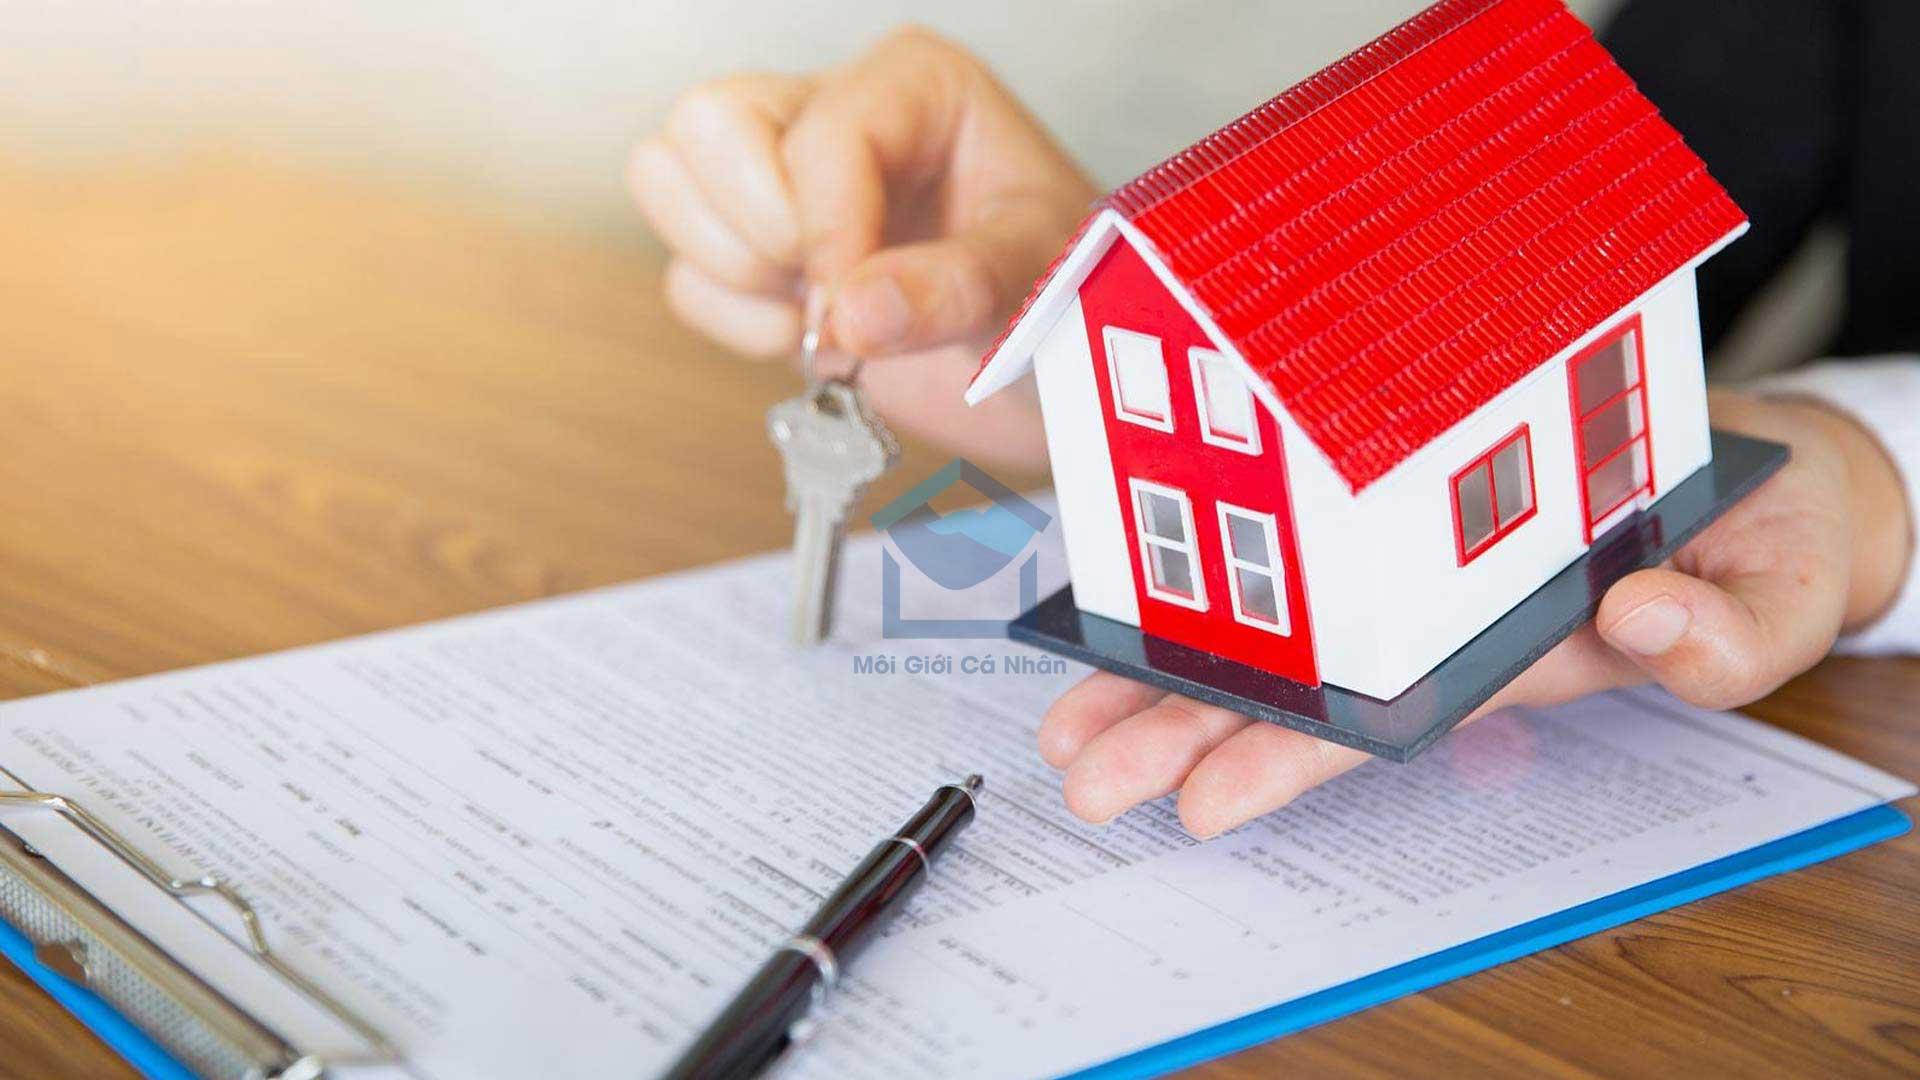 Hợp đồng góp vốn mua đất nền dự án - Những lưu ý để tránh rủi ro